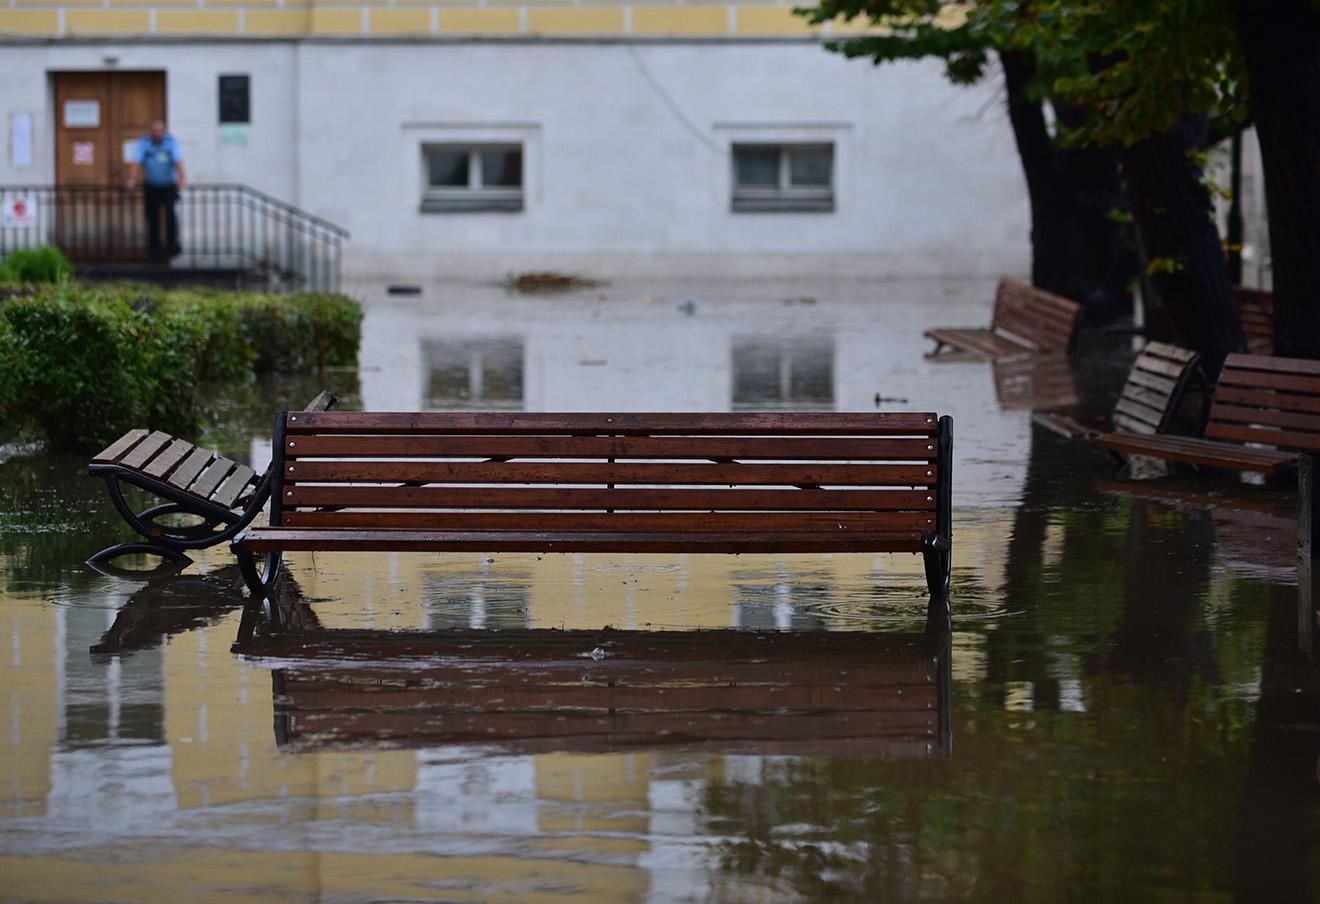 После дождя у здания Института стран Азии и Африки (ИСАА) Московского государственного университета имени М.В. Ломоносова на Моховой улице, 22 июля 2016 года.